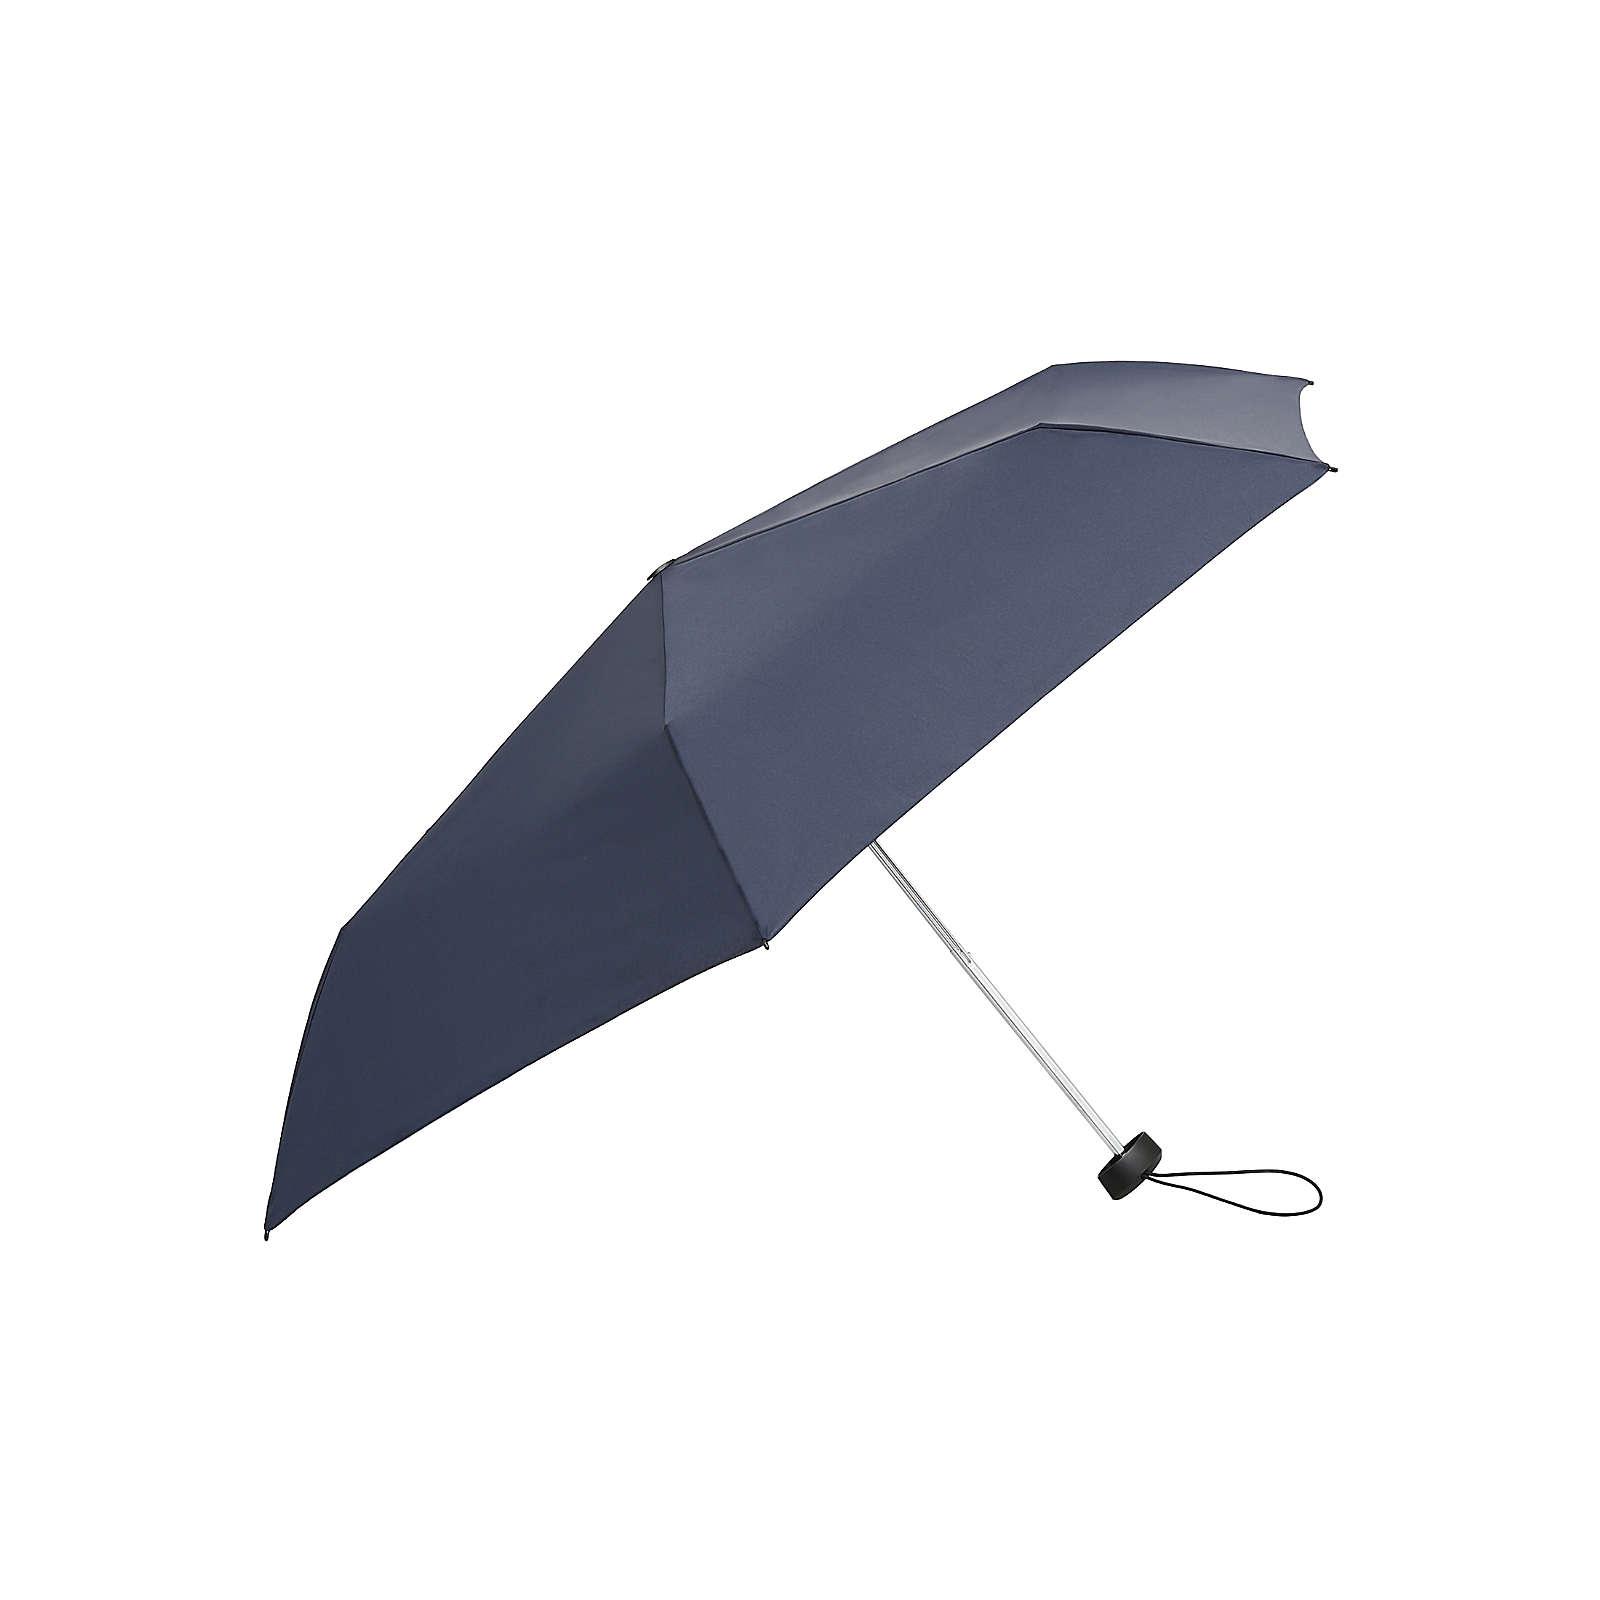 Knirps Regenschirm AS.050 Slim Small Manual Regenschirme natur/blau Herren Gr. one size